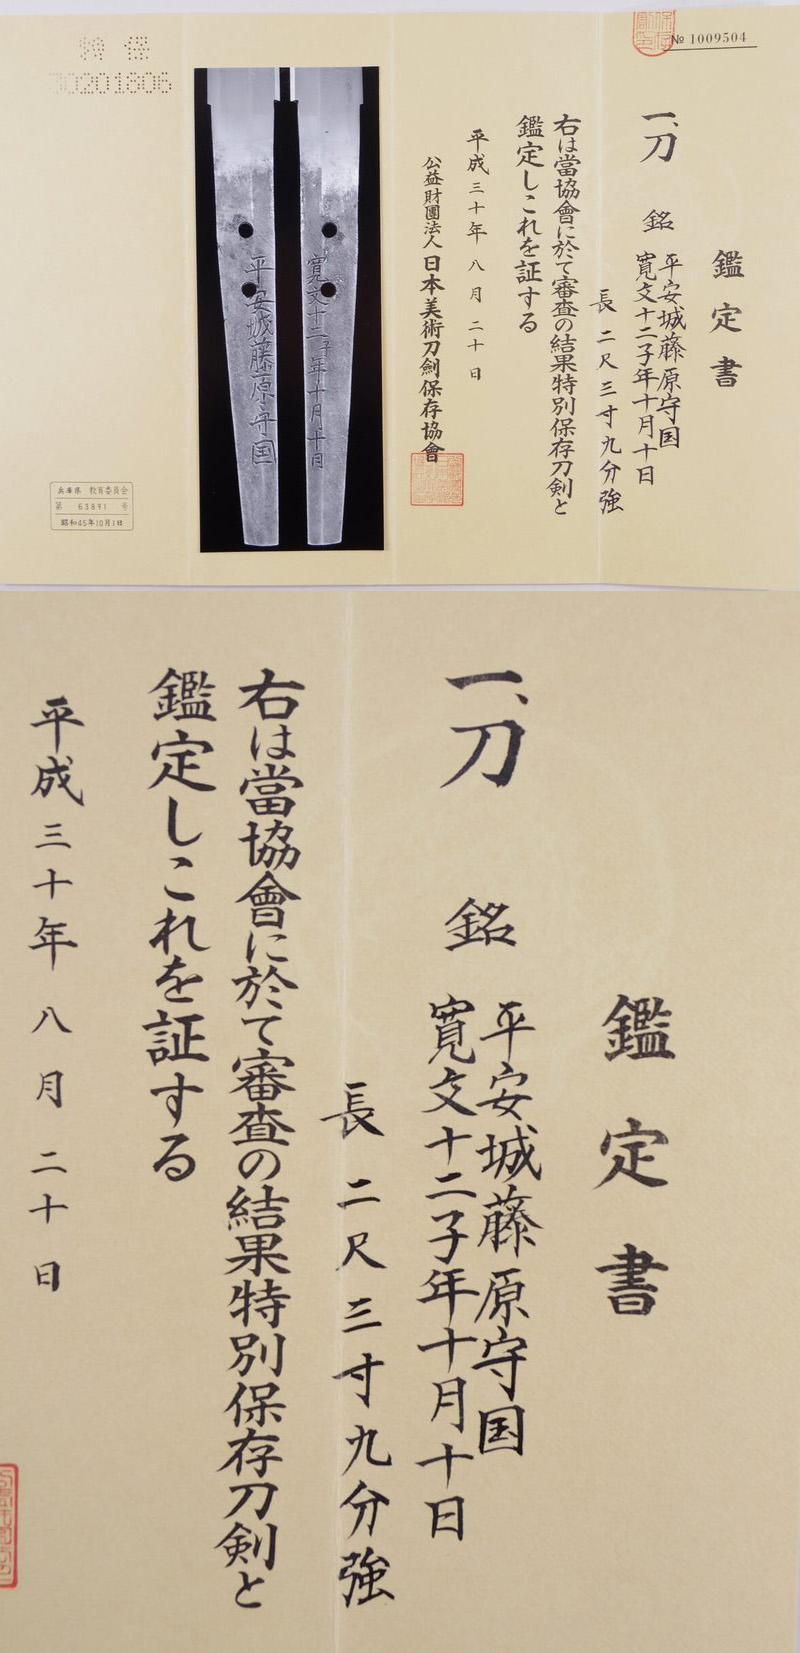 刀 平安城藤原守国   寛文十二子年十月十日 Picture of Certificate